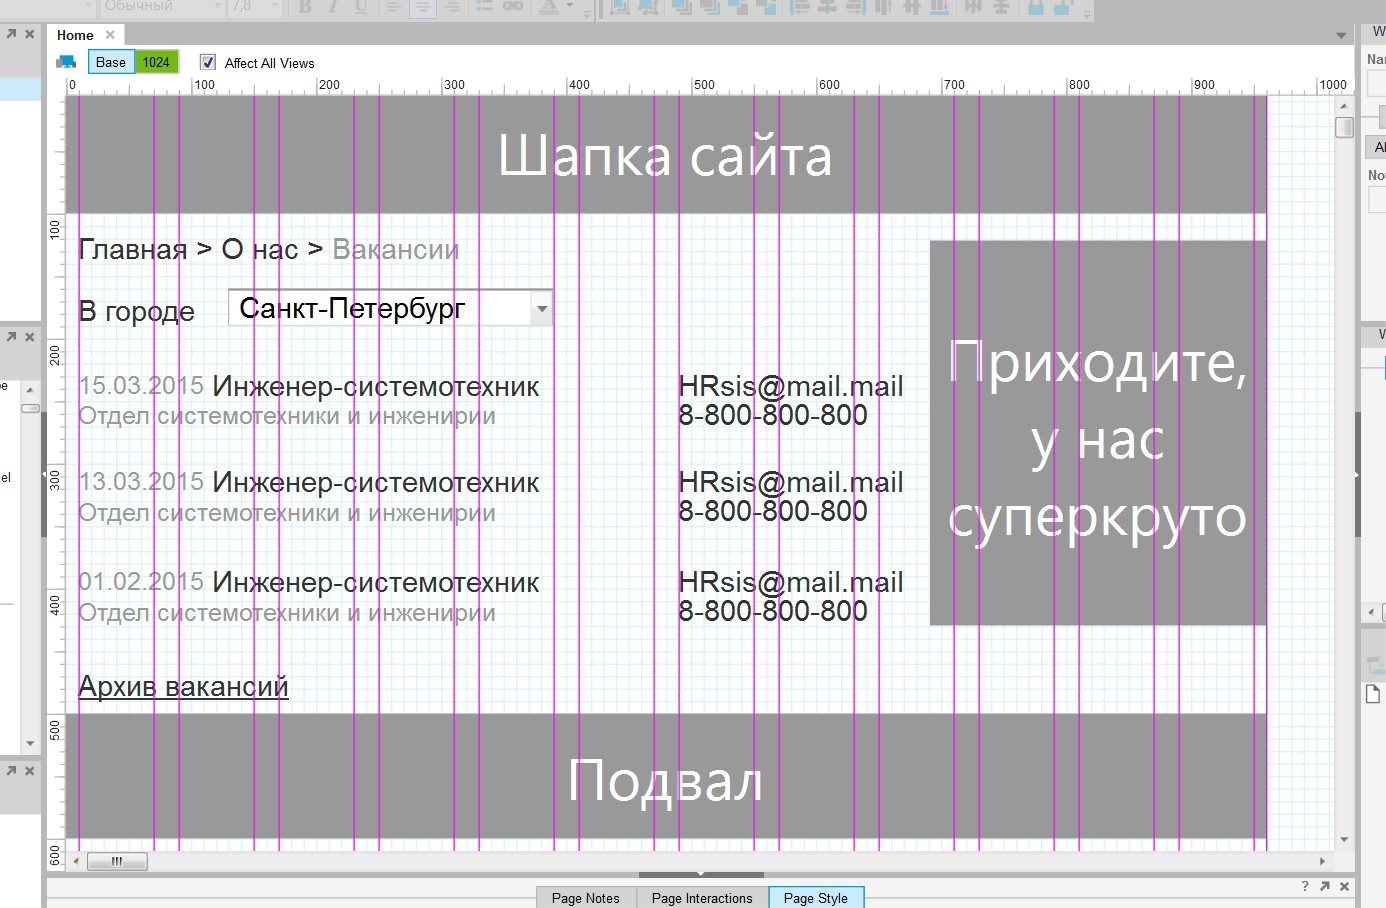 Исследование методологии проектирования ИС: «Клинок не должен встречать клинок» - 5